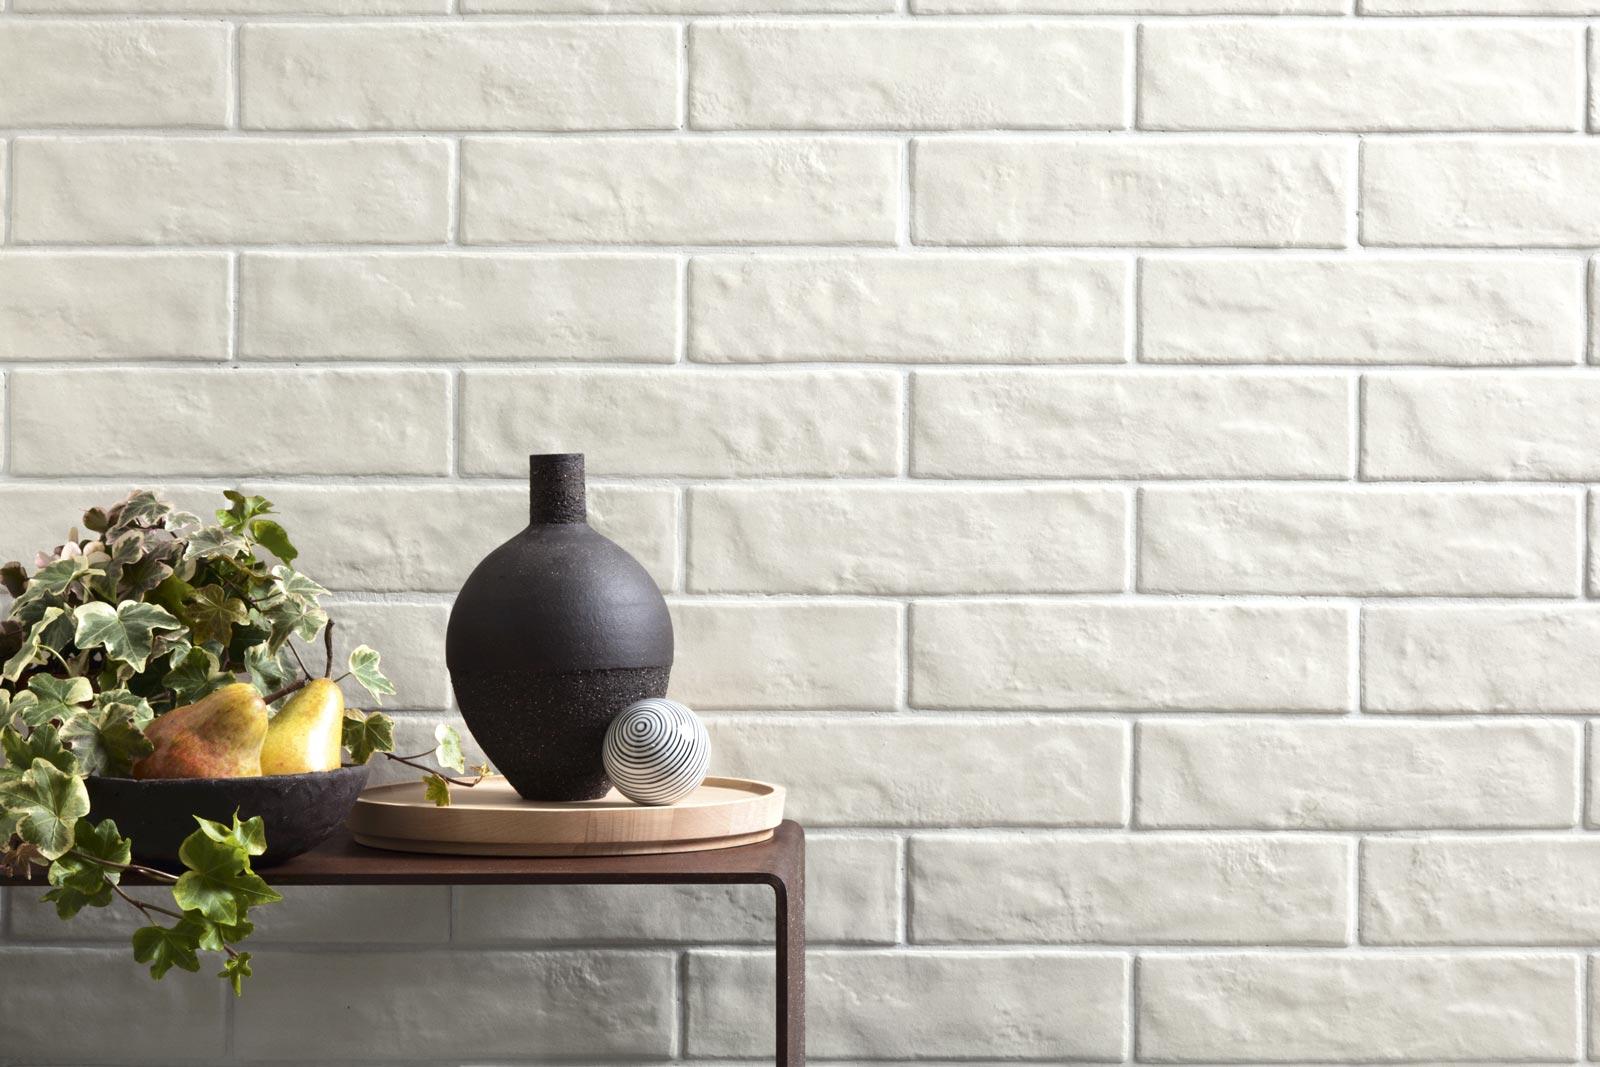 Calce ceramiche ragno: rivestimenti gres porcellanato e ceramica